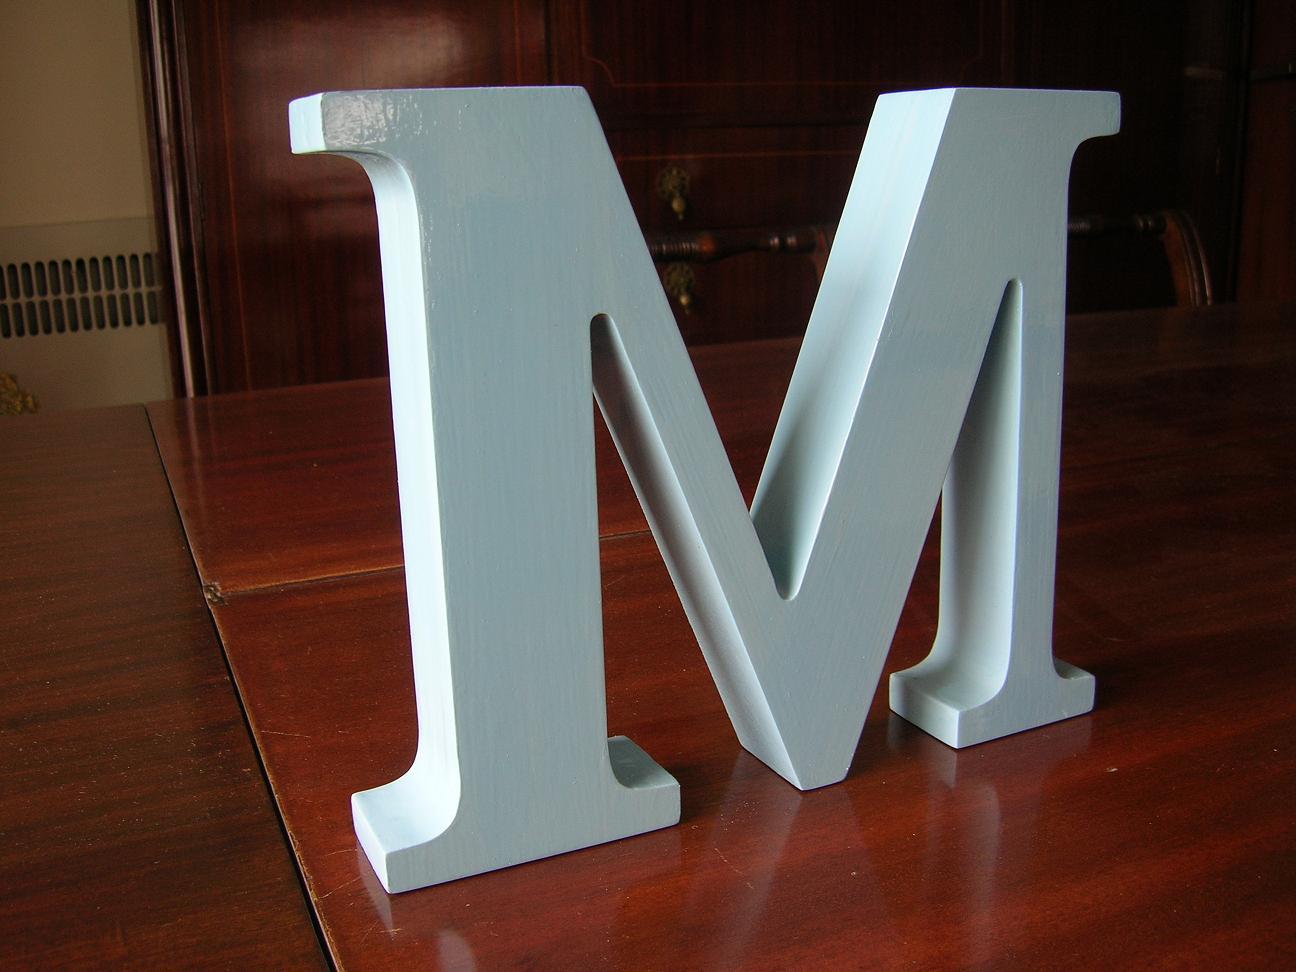 Letras y formas en madera dise o y corte cnc letras 36 - Casa letras madera ...